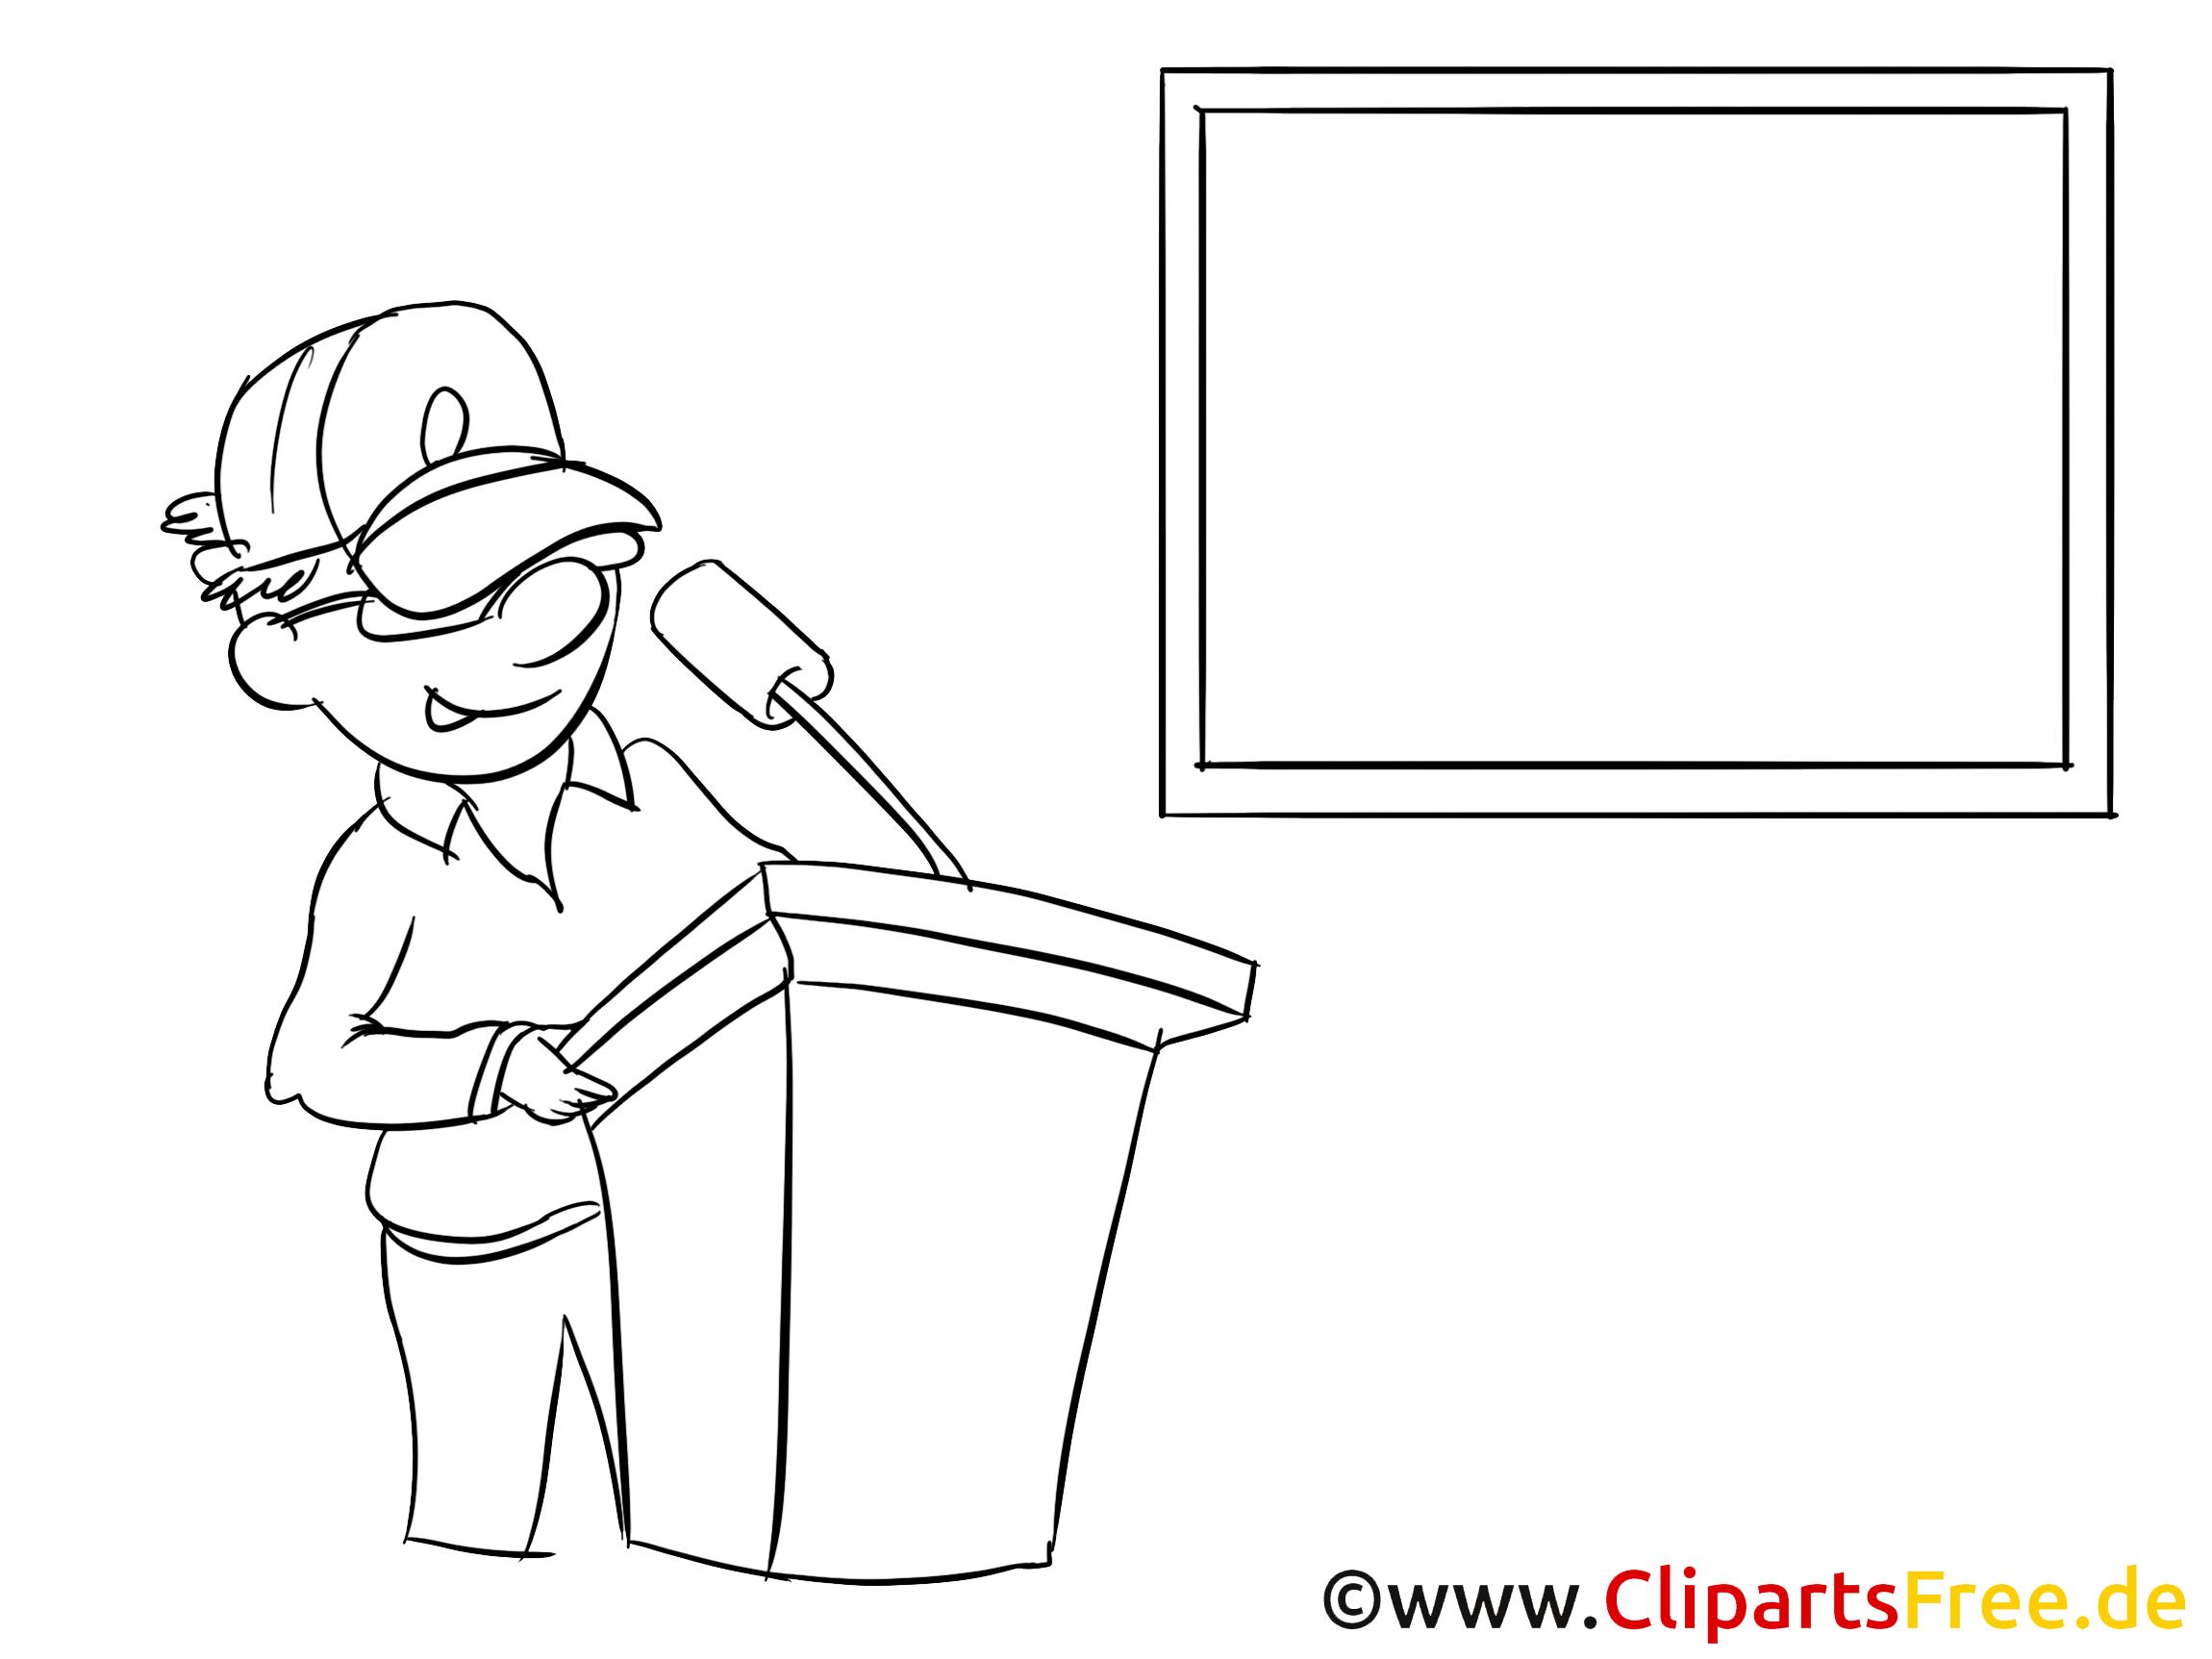 Rede halten Clipart, Bild, Zeichnung, Cartoon